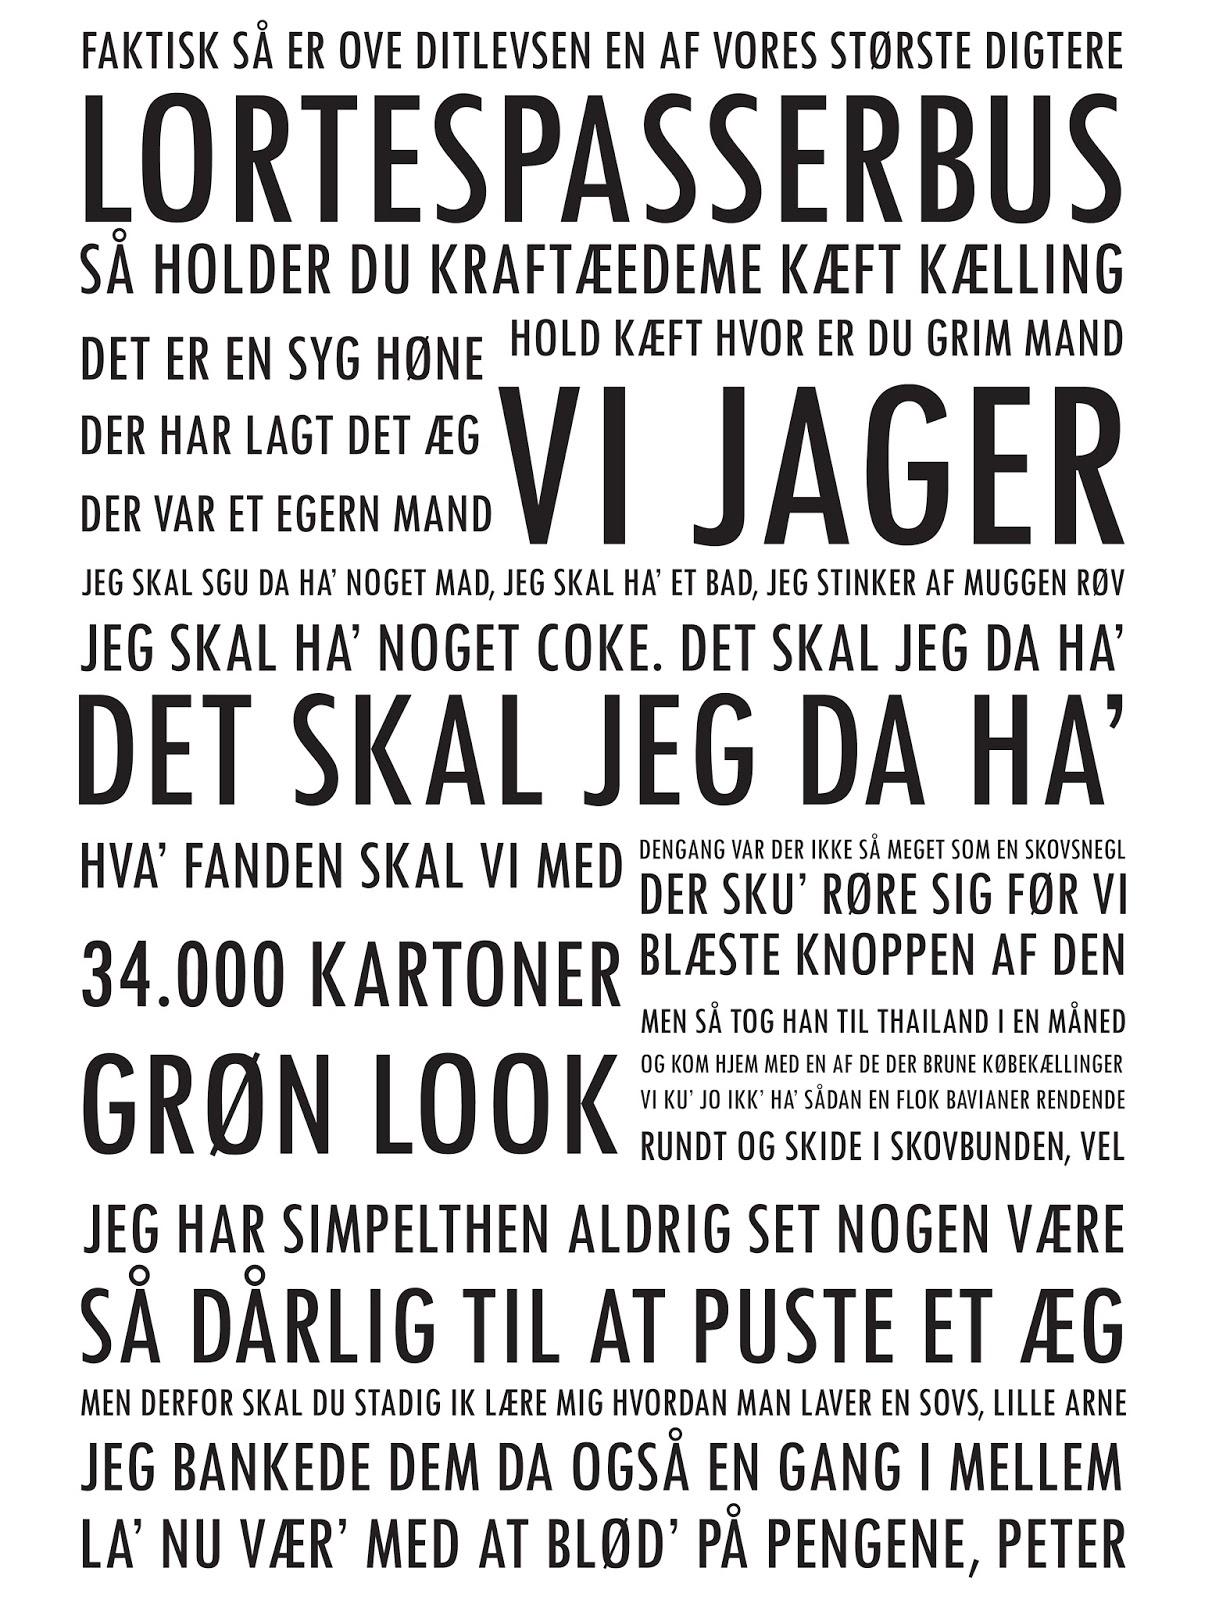 tdc taletidskort tank op danske massagepiger